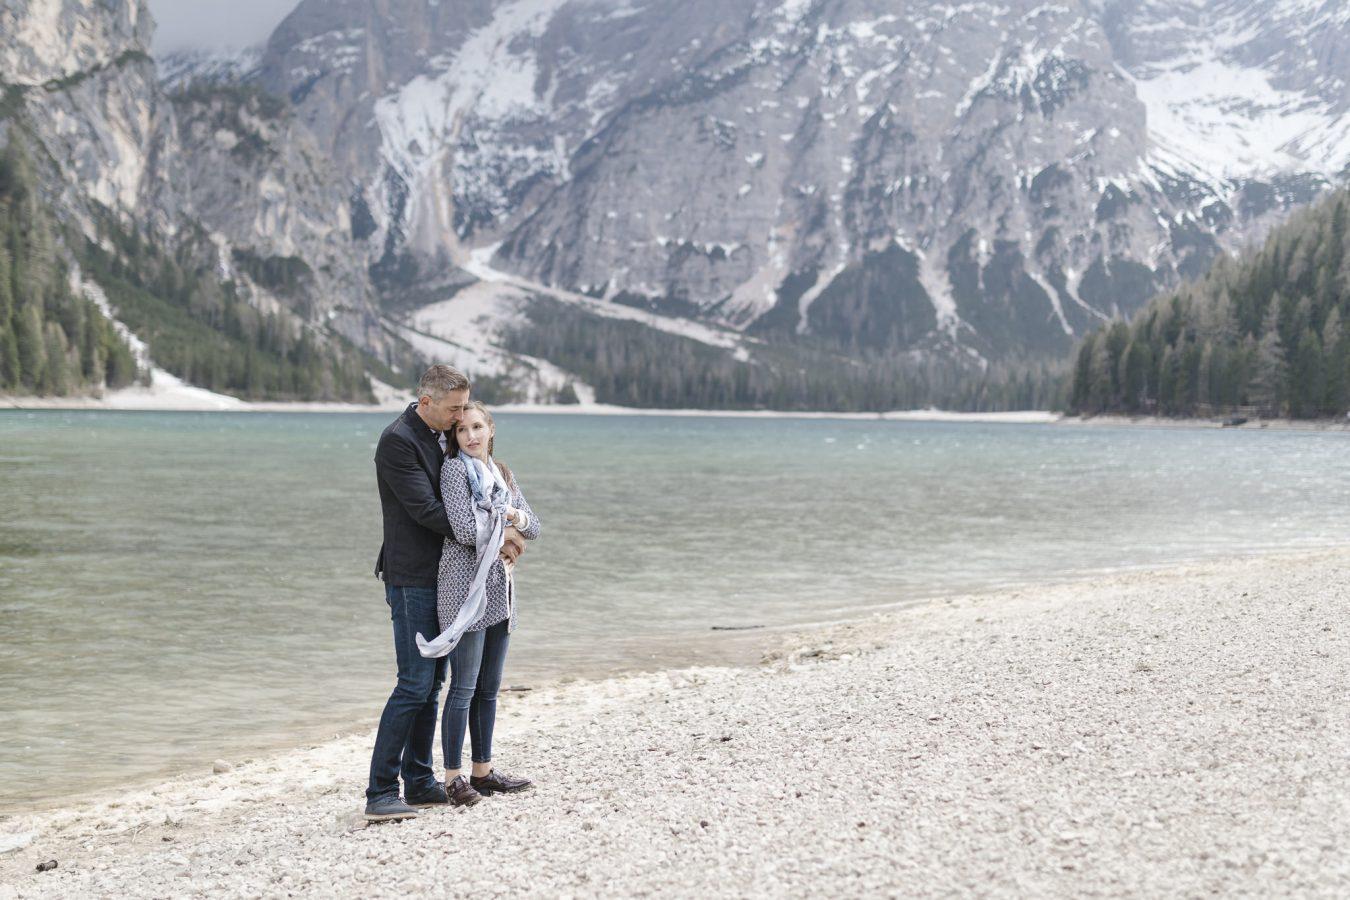 Paarshooting Hamburg - Paar steht eng aneinander gekuschelt vor Bergsee